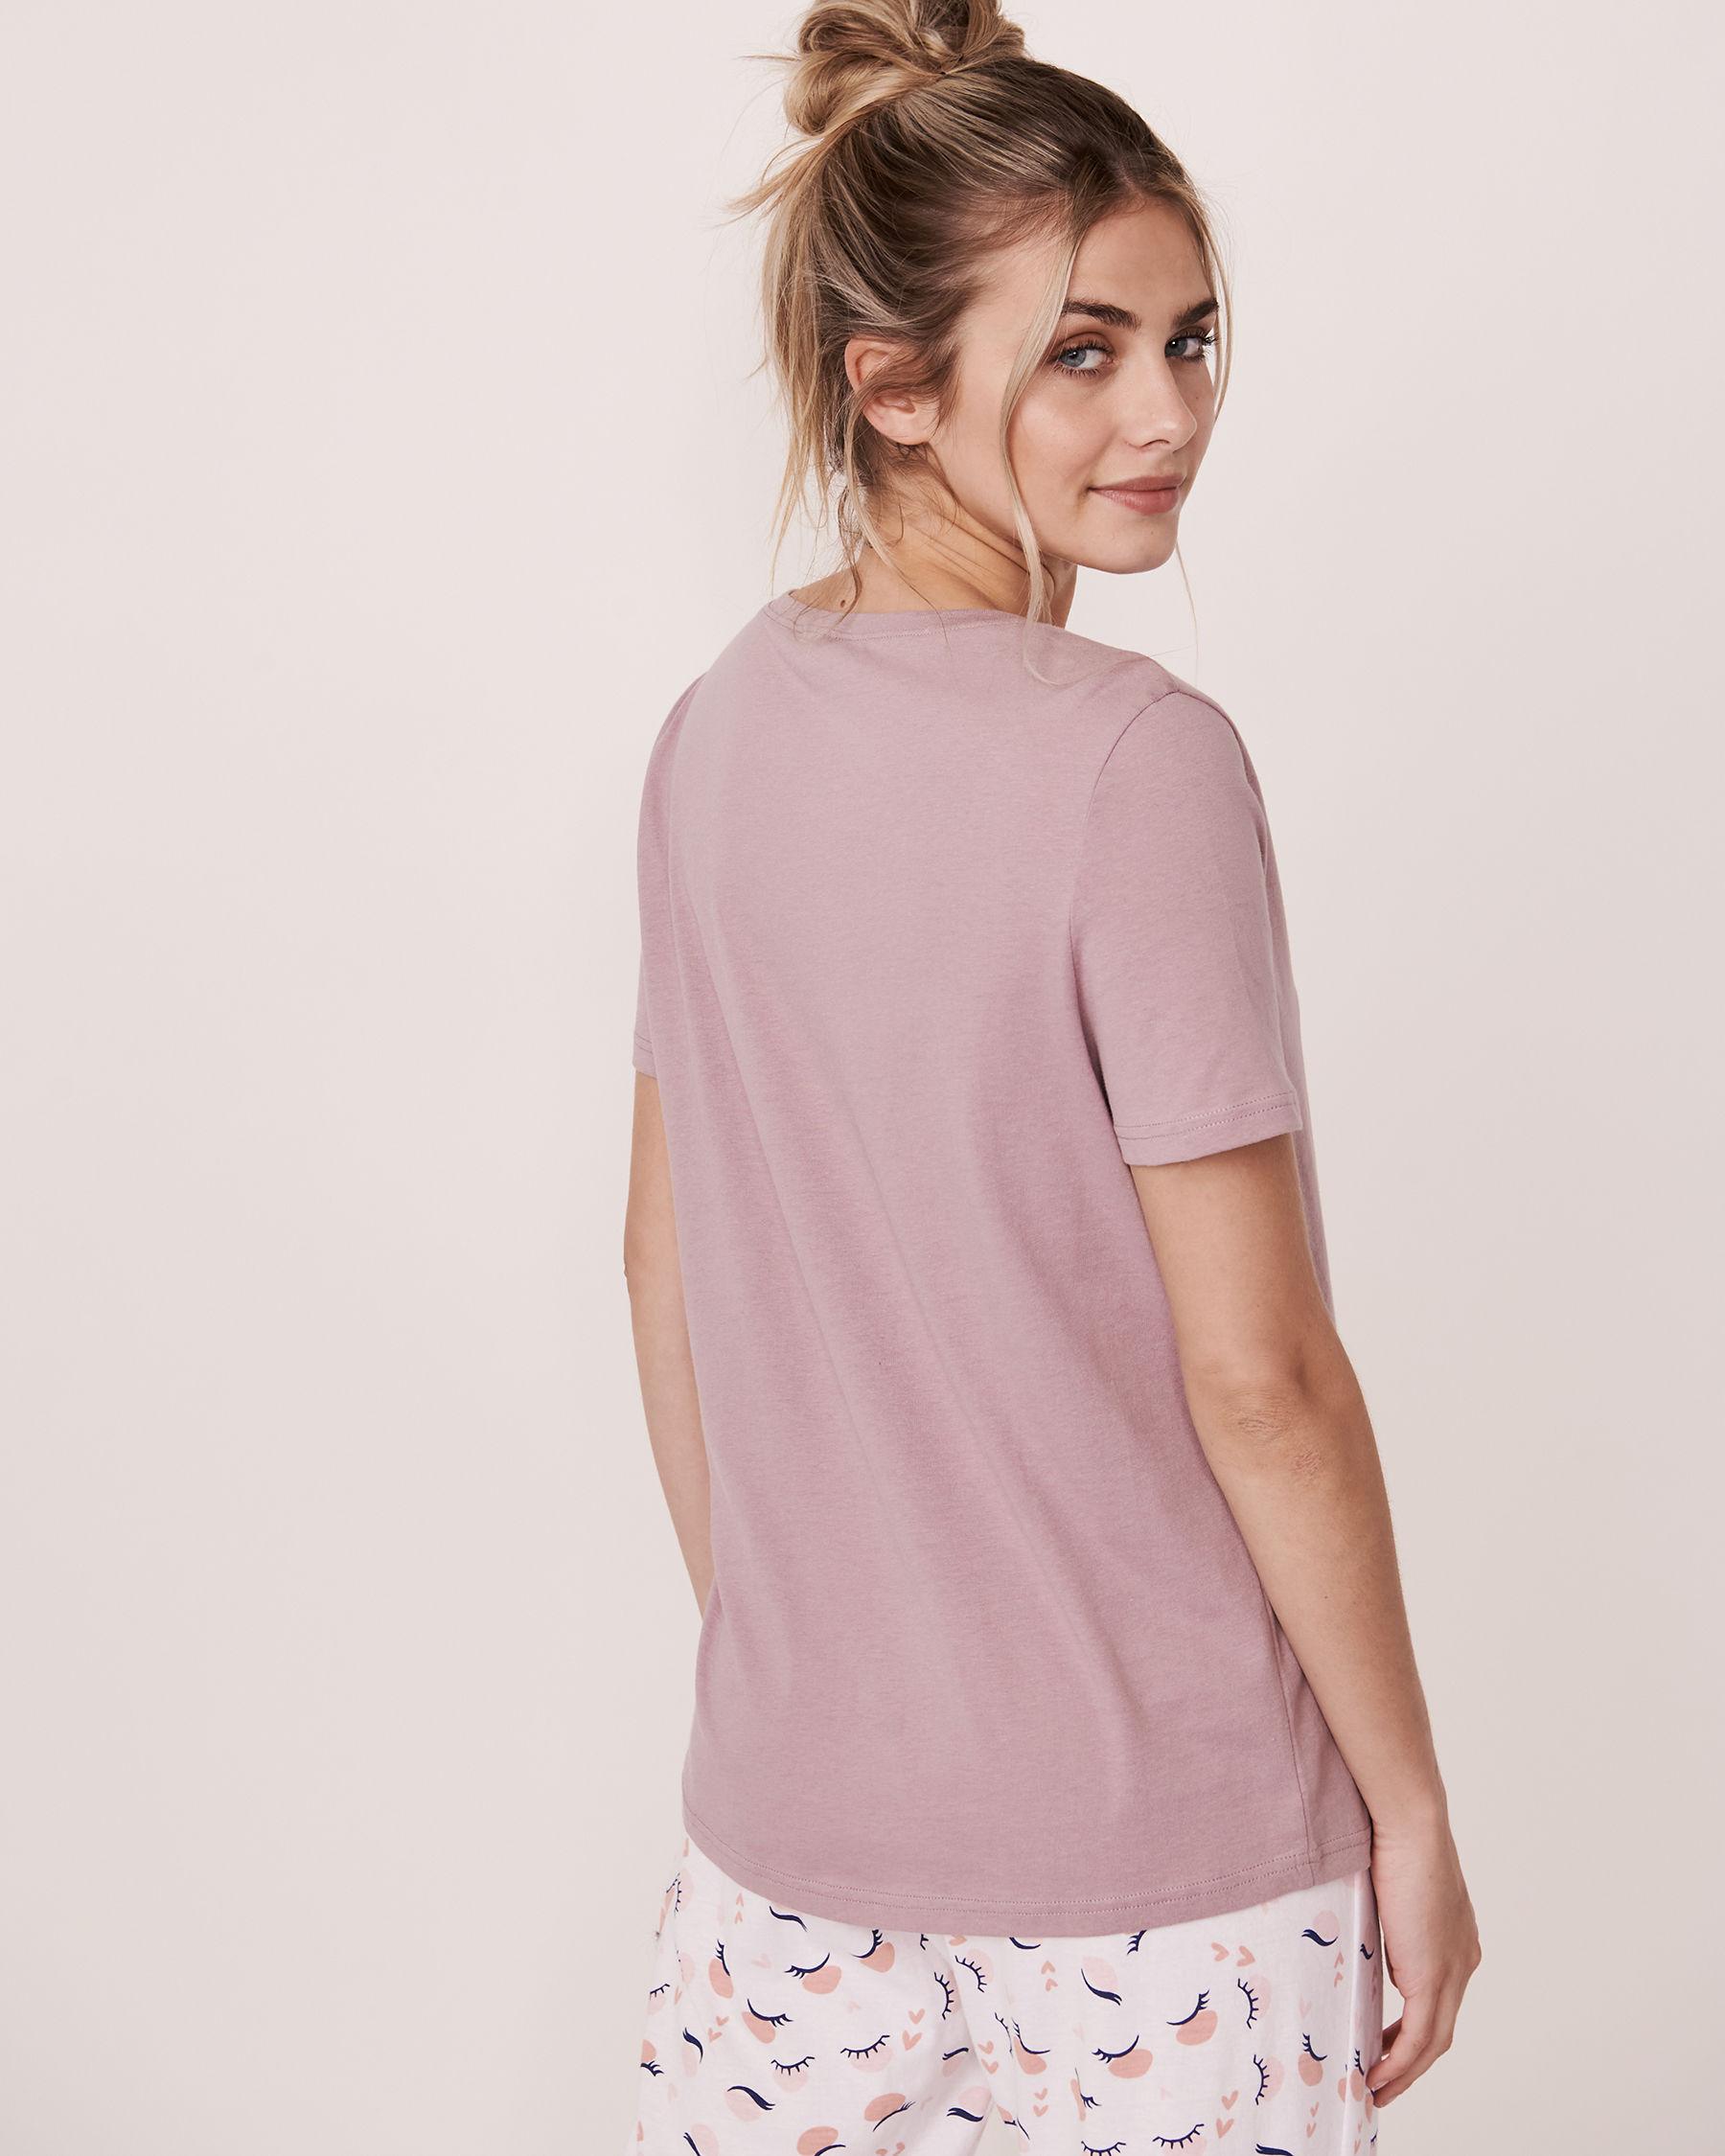 LA VIE EN ROSE V-neckline T-shirt Purple 40100044 - View2